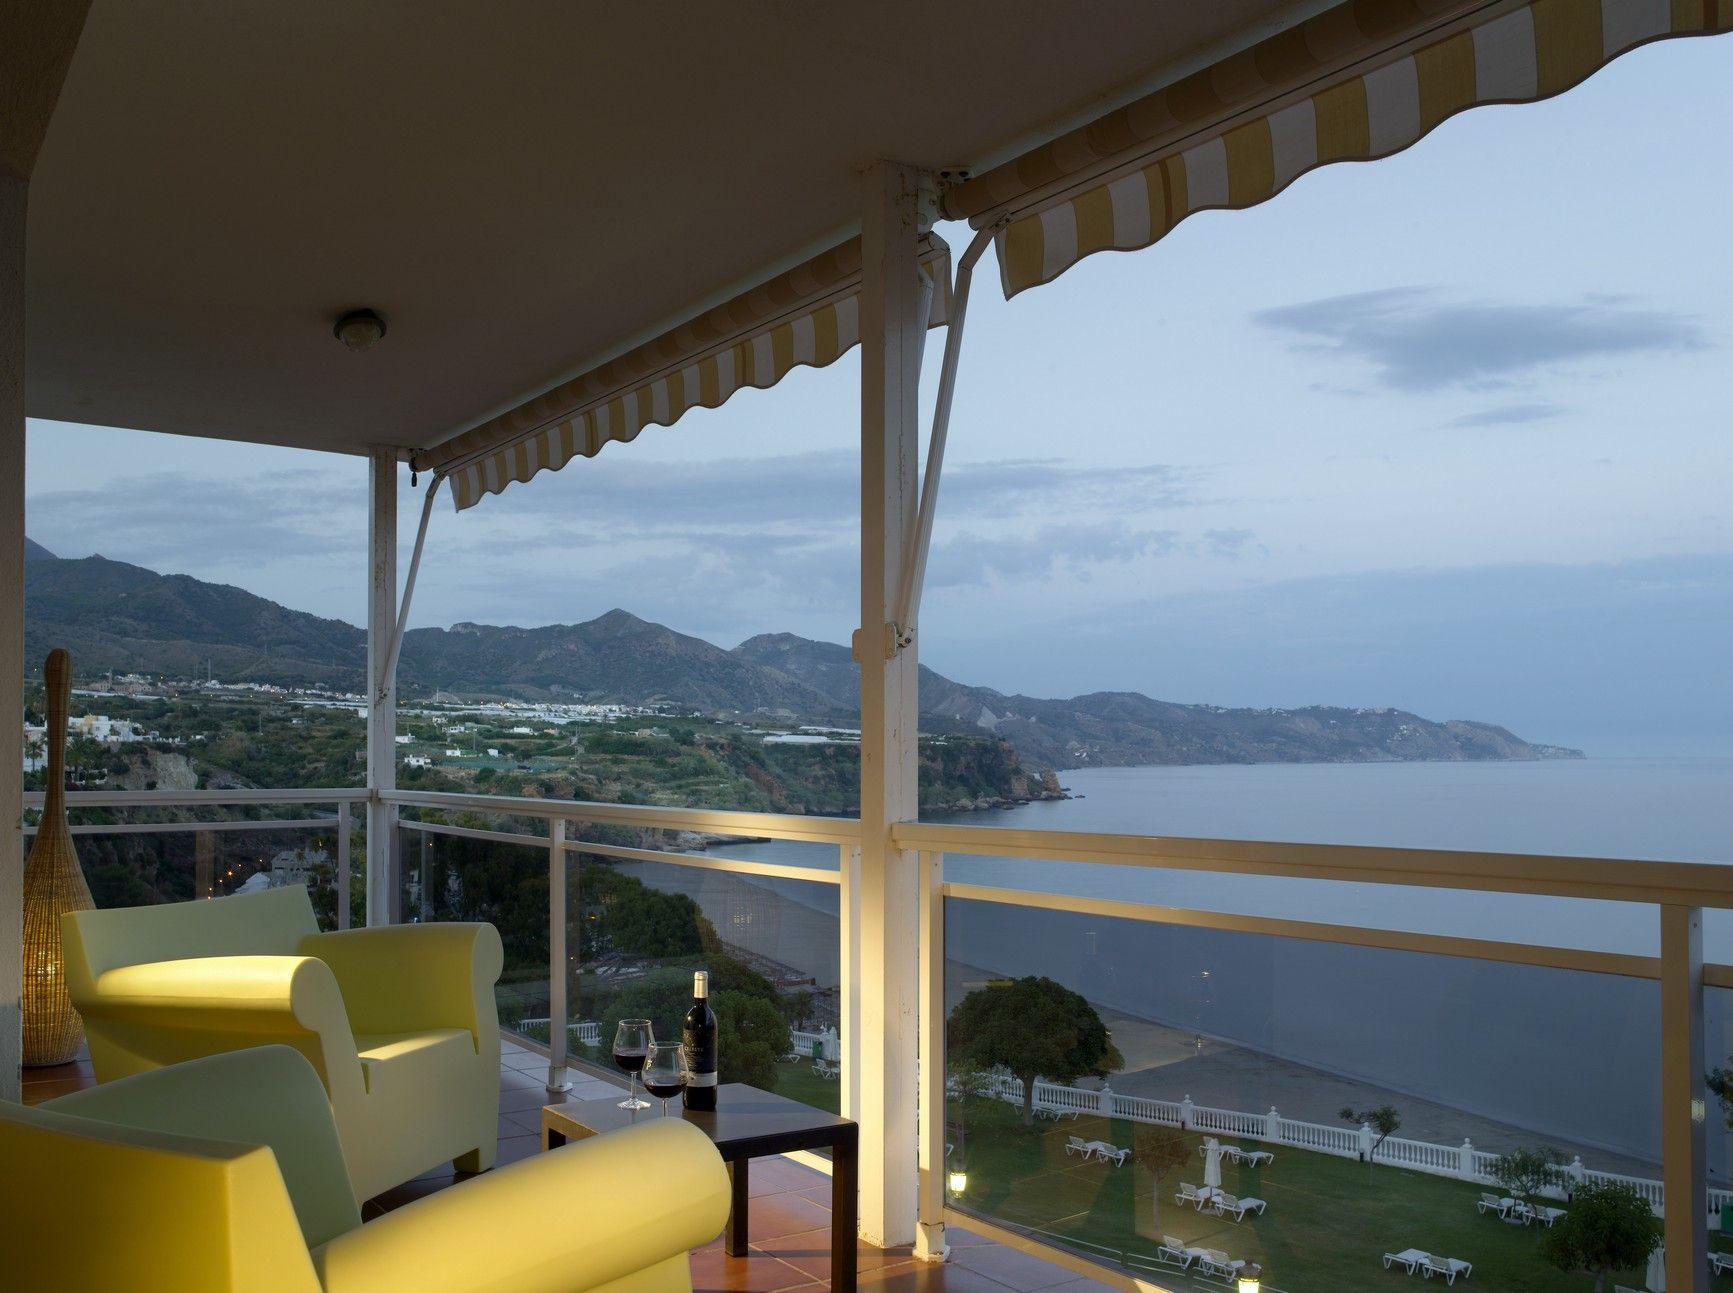 #Parador de Nerja #weddingvenue #bodas #ideales #bodasenlaplaya vistas increibles desde la #terraza